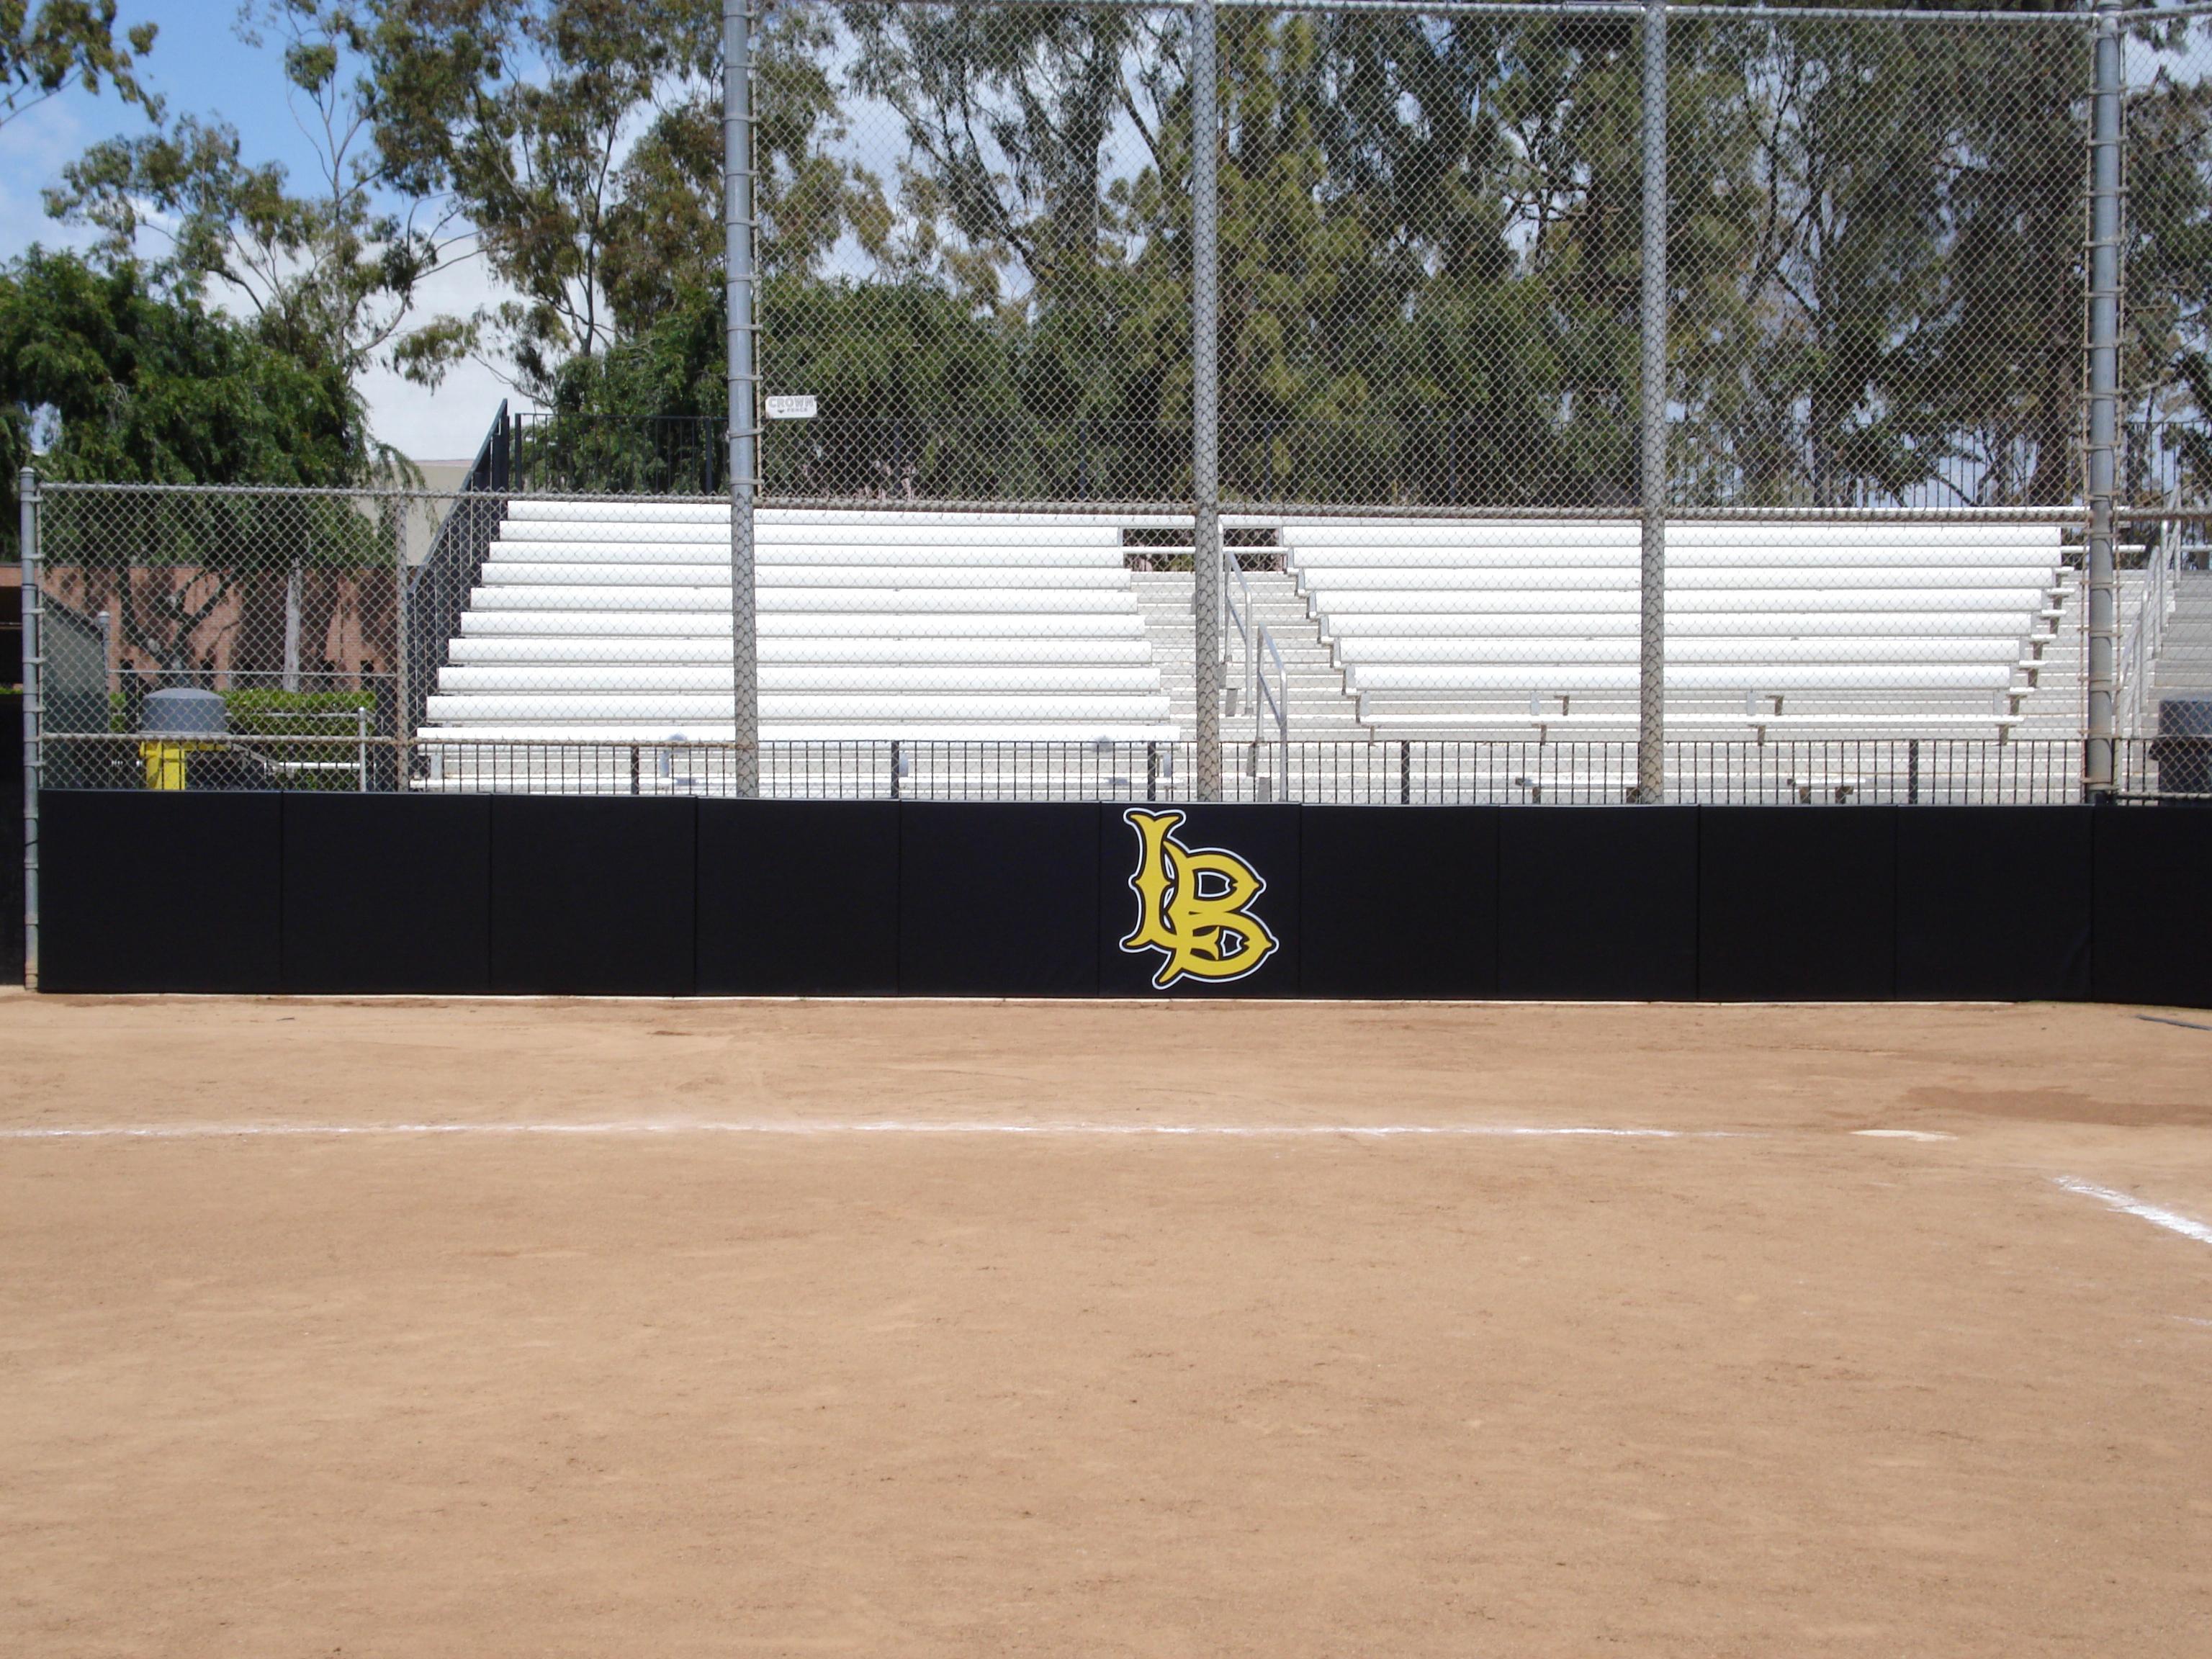 Baseball Woodbacked Backstop Padding